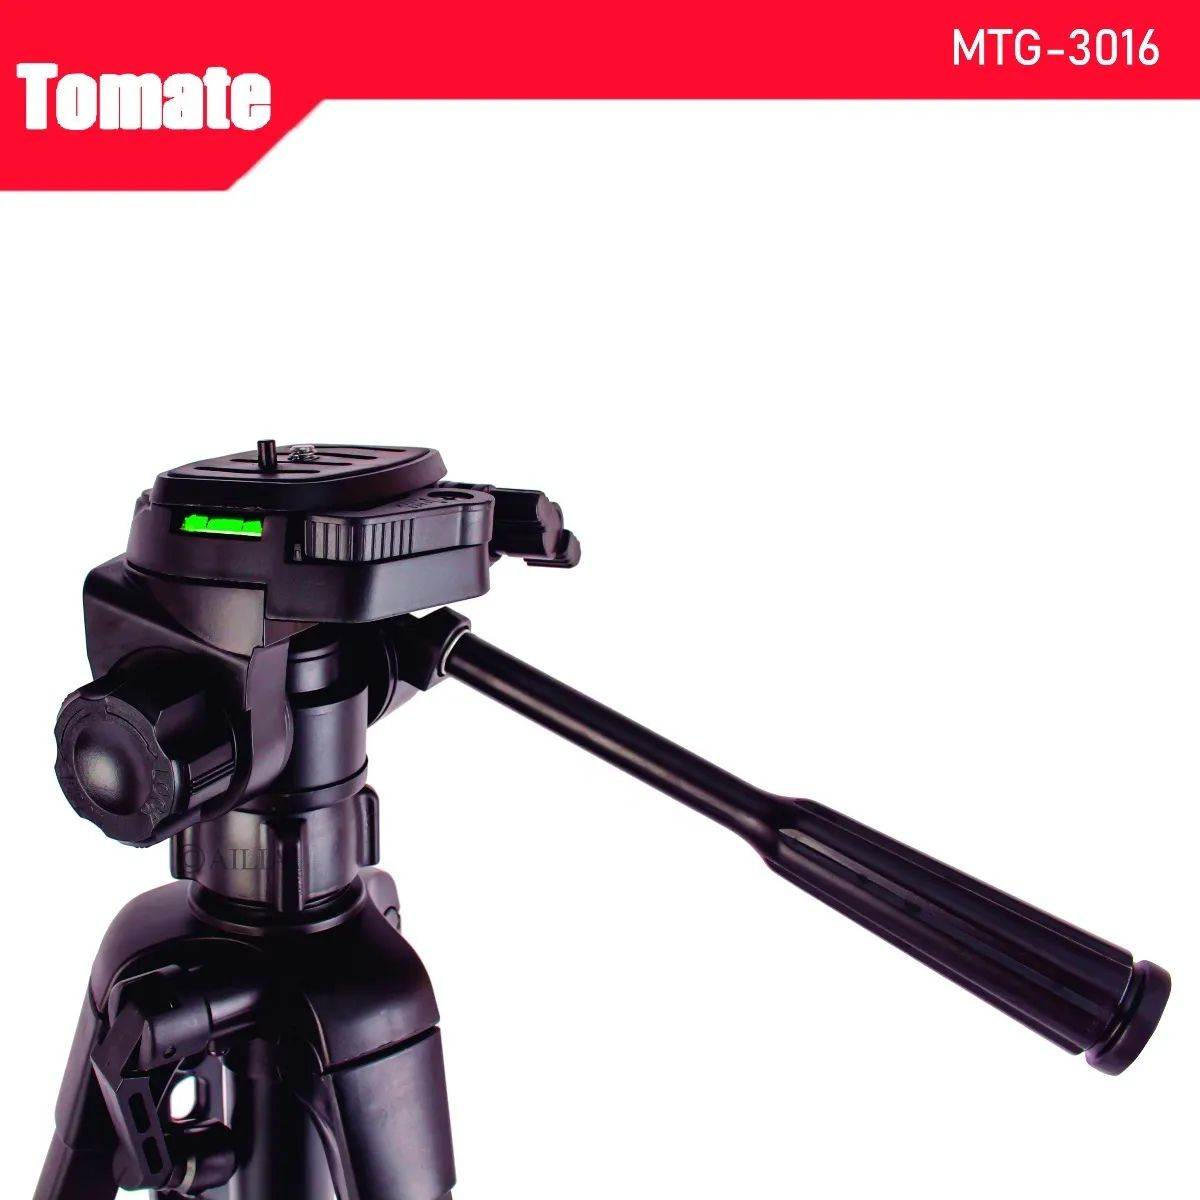 Tripé Para Câmera Fotográfica e Celular Altura até 1,65m 165cm c/ Bolsa e Suporte Celular Tomate MTG-3016